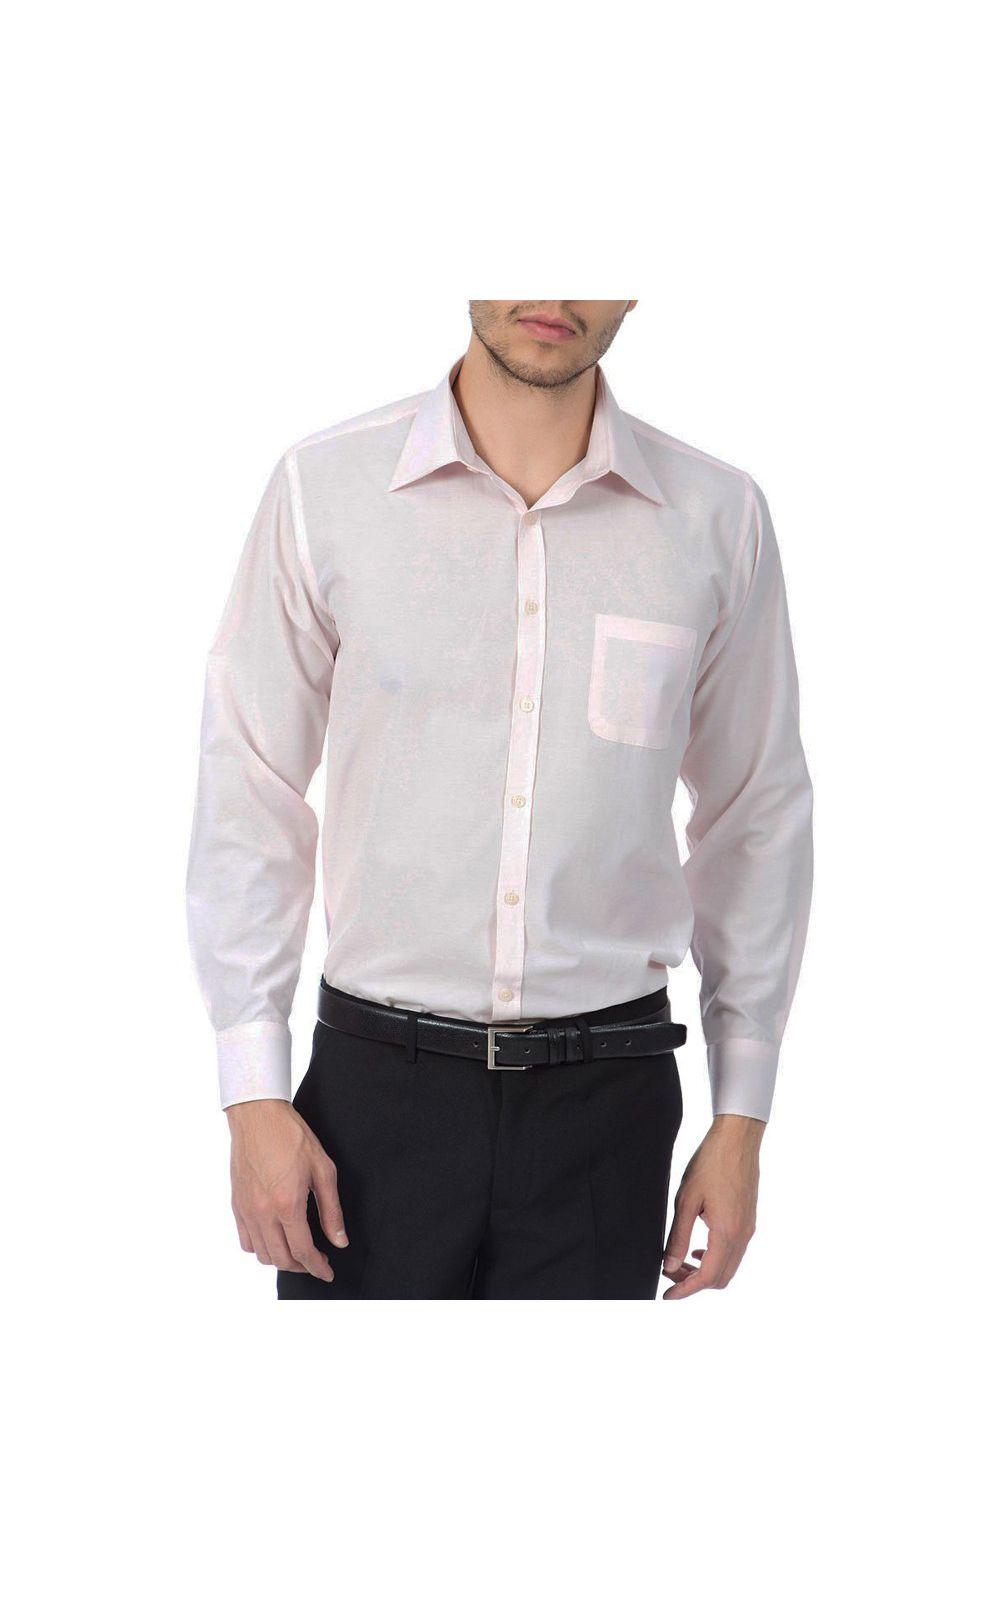 Foto 4 - Camisa Social Masculina Rosa Lisa